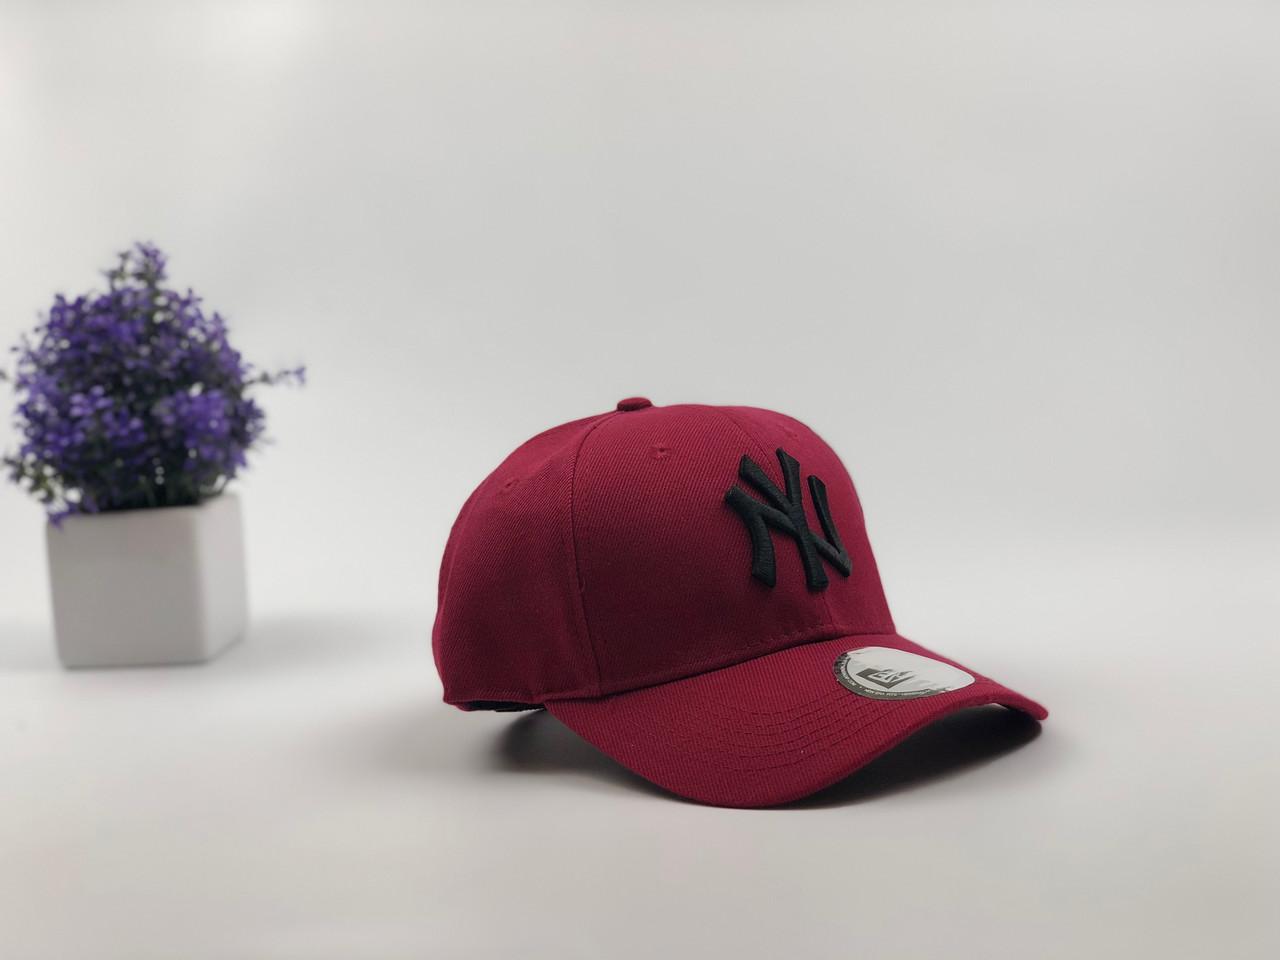 Кепка Бейсболка Мужская Женская New Era с наклейкой New York Yankees NY Бордовая с Черным лого